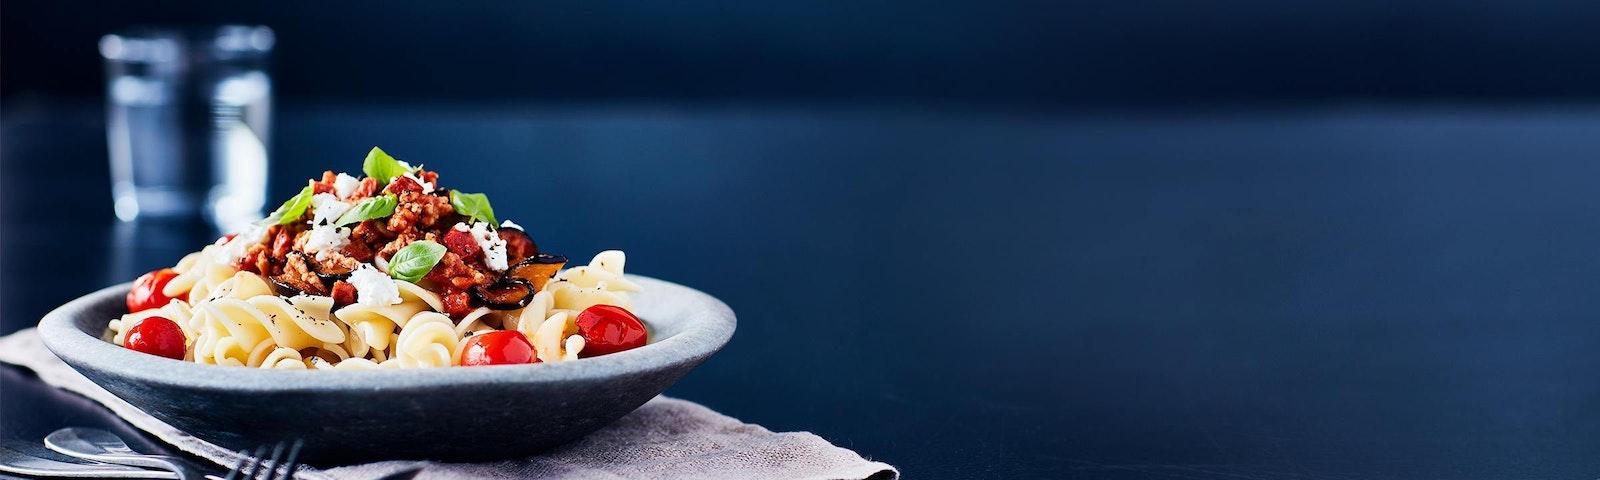 Pasta med chorizo, aubergine och körsbärstomater